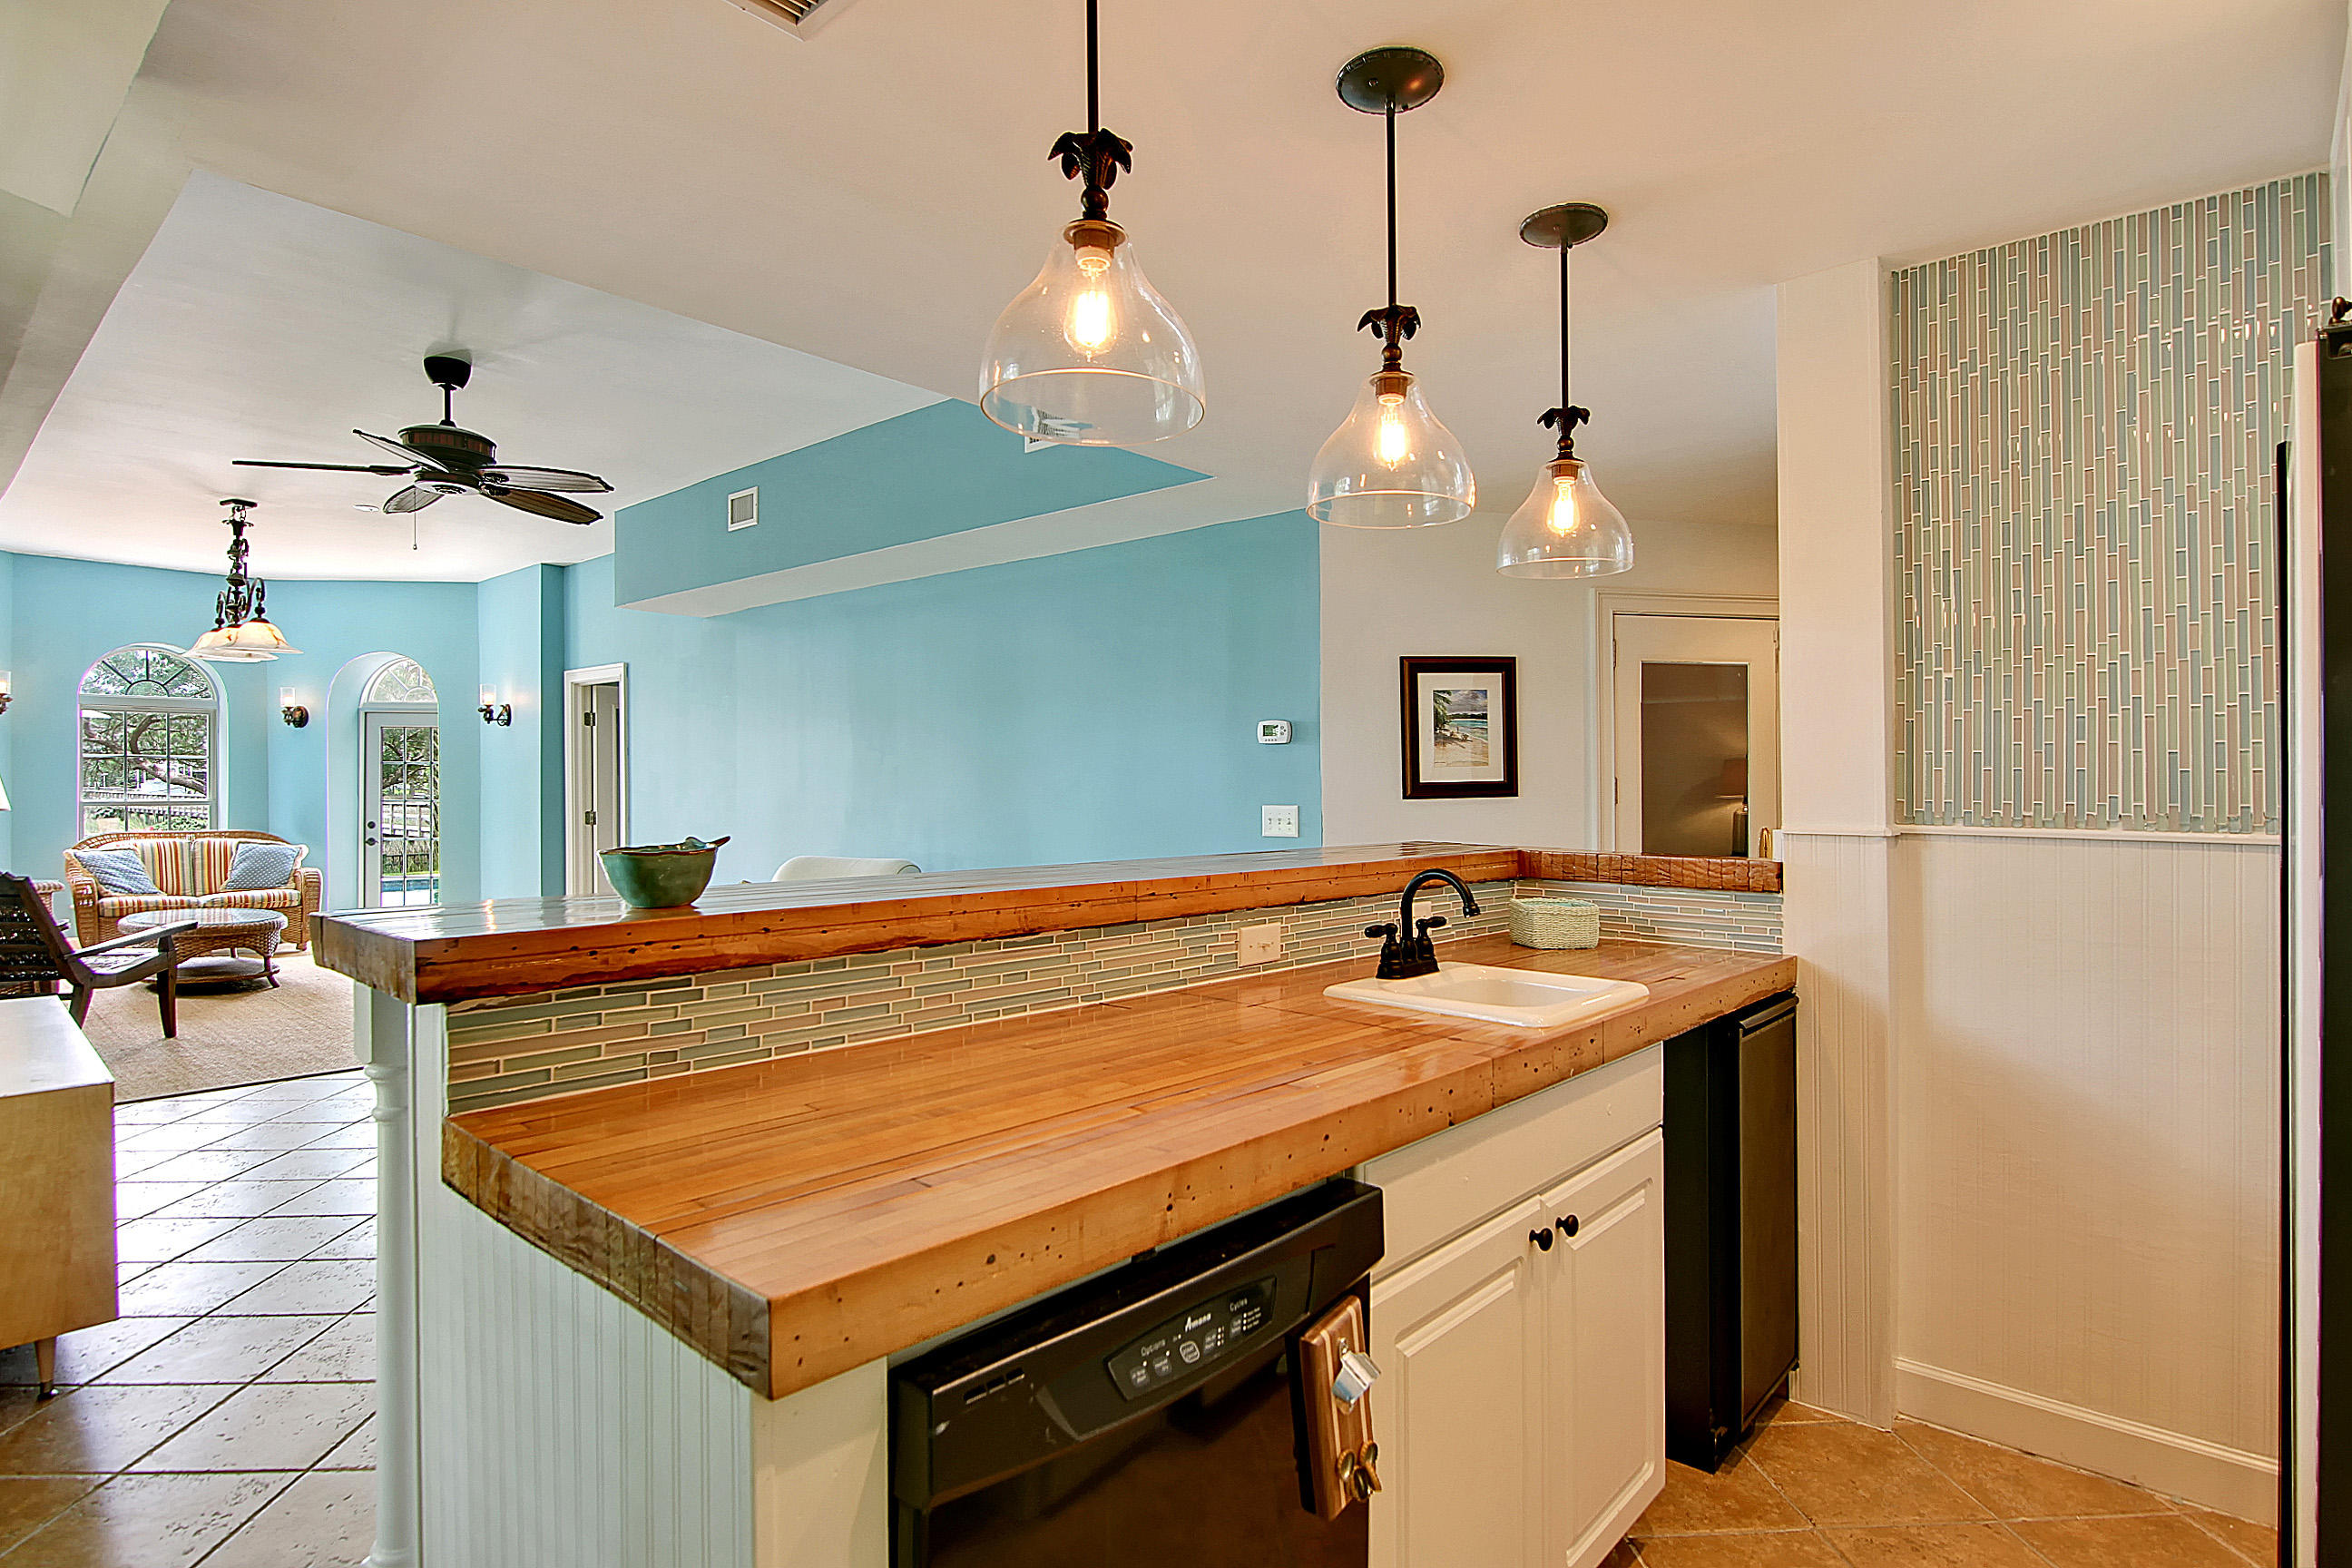 Dunes West Homes For Sale - 2282 Captain Waring, Mount Pleasant, SC - 5